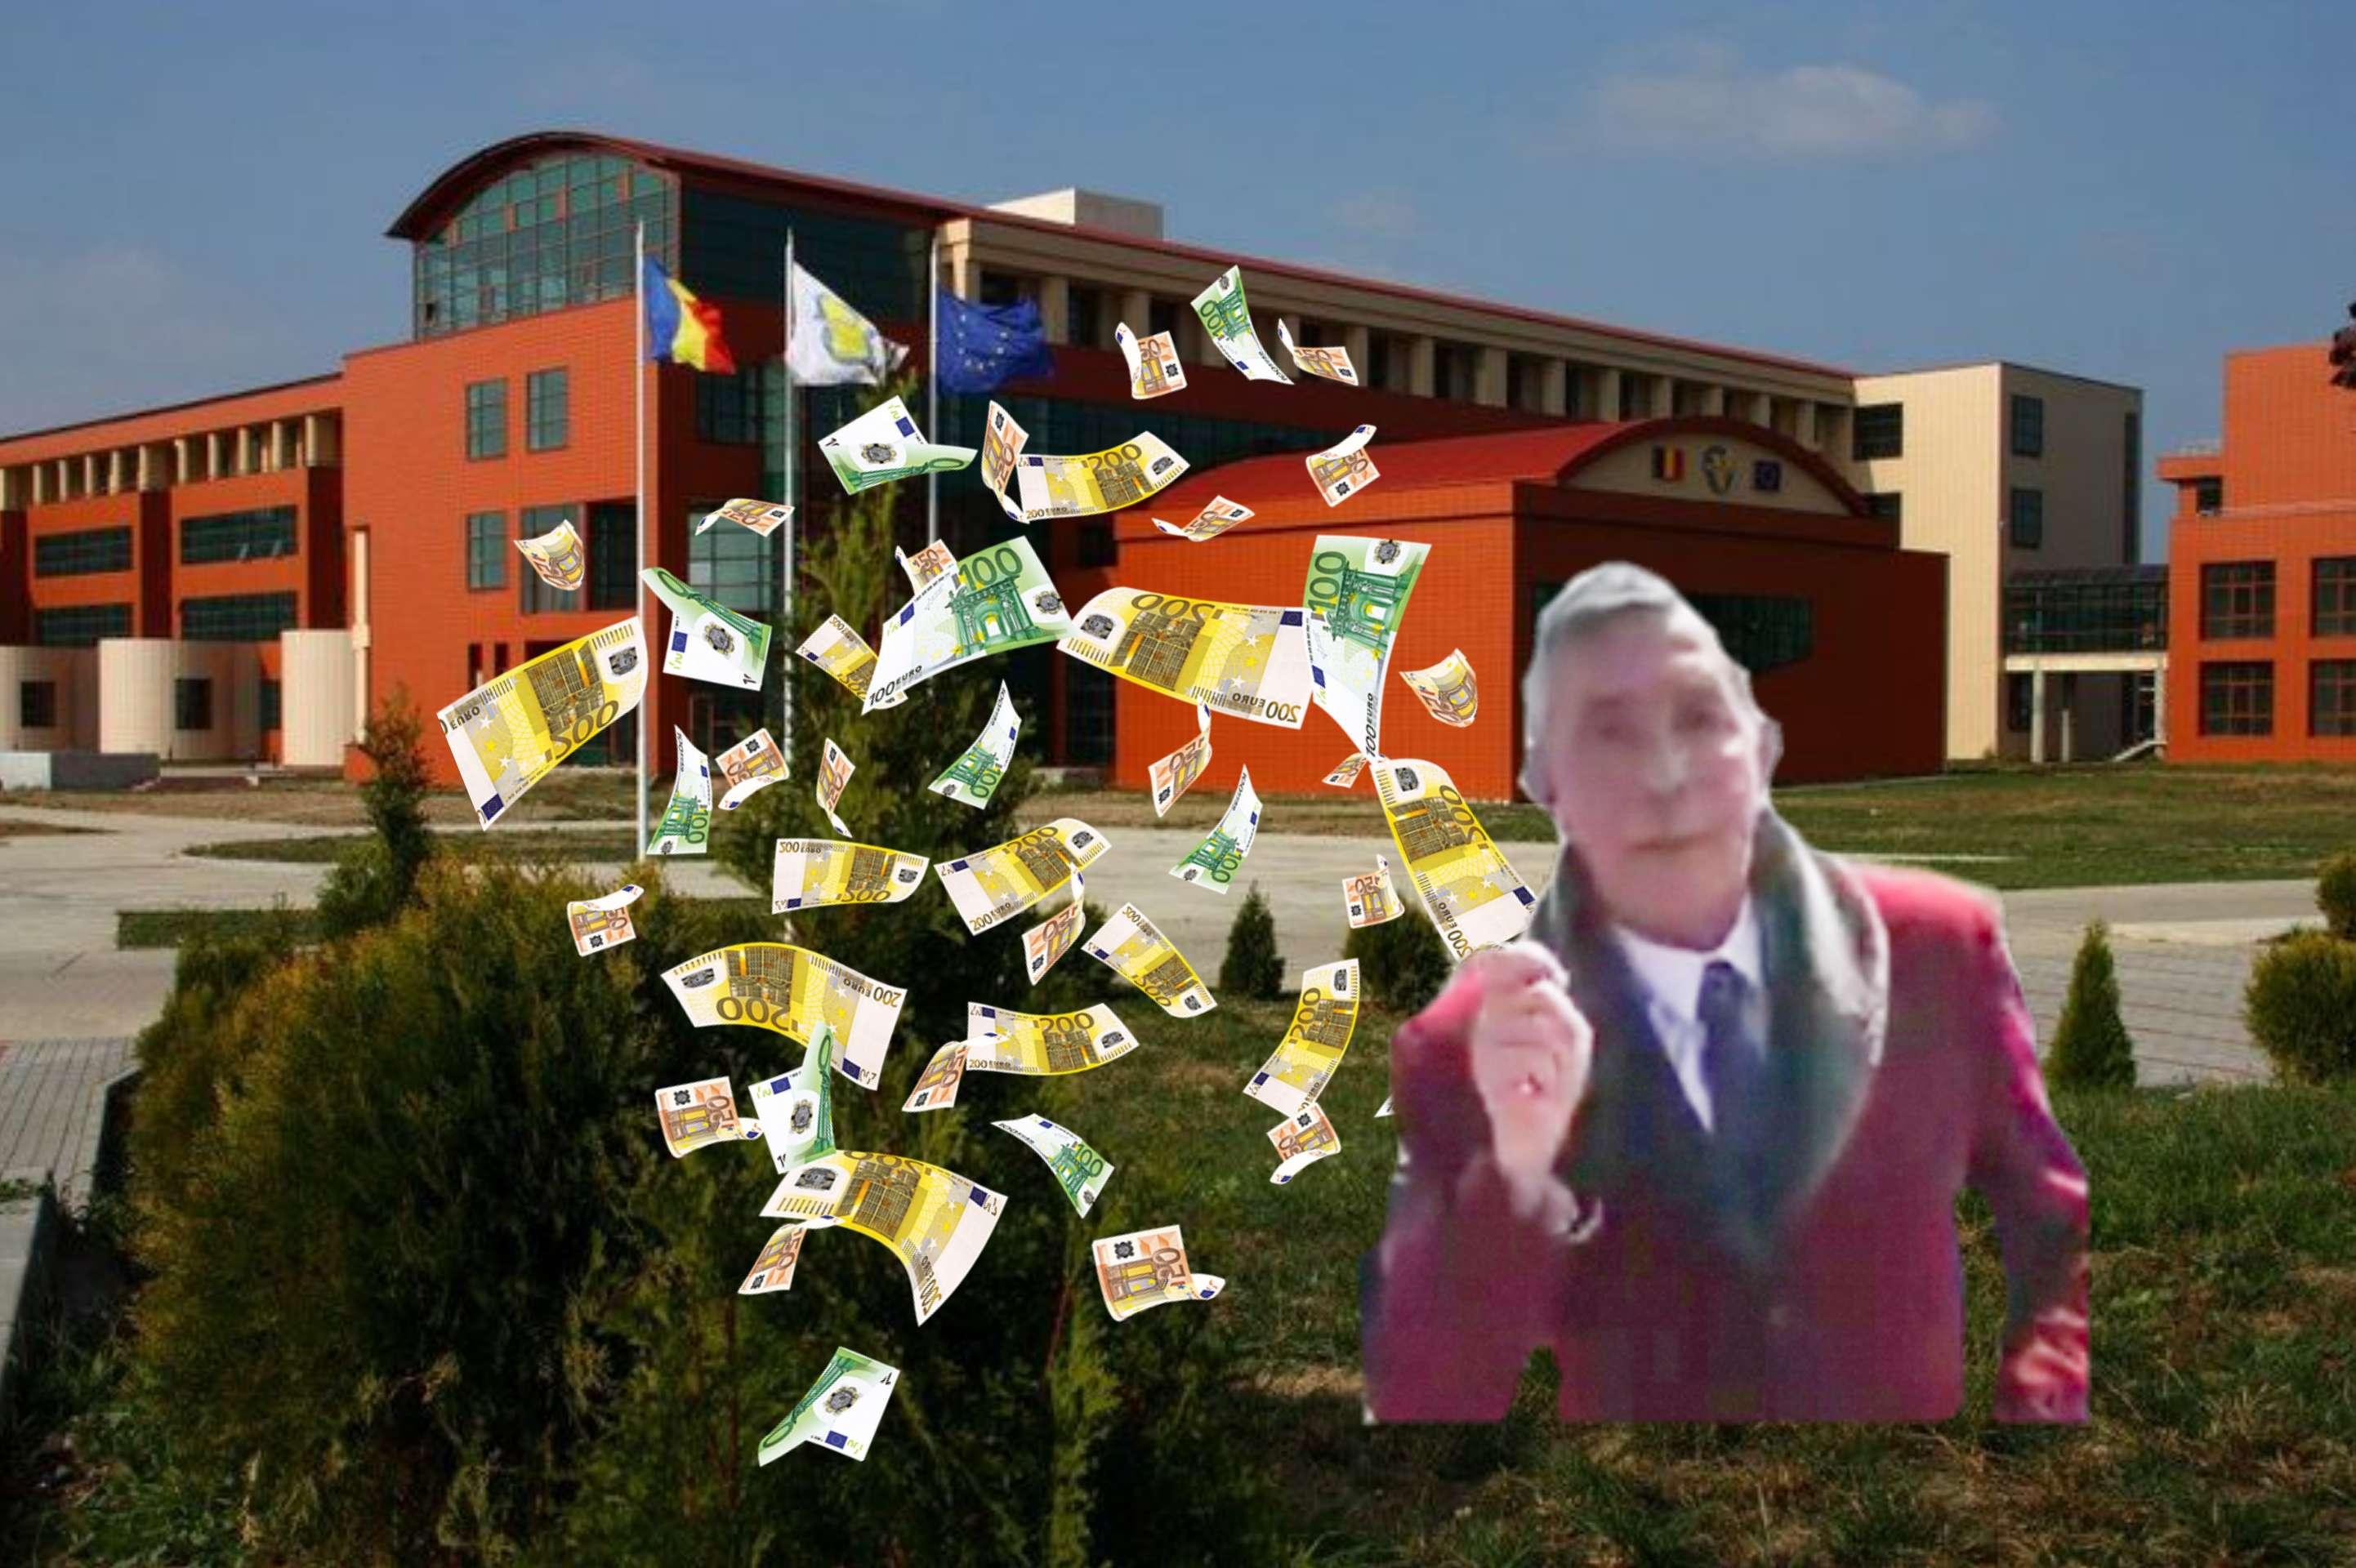 BREAKING NEWS! SUSPICIUNE DE FRAUDĂ LA UNIVERSITATEA VALAHIA DIN TÂRGOVIȘTE!  Șeful Achizițiilor Publice din Universitatea Valahia din Târgoviște vizat de un nou dosar de corupție